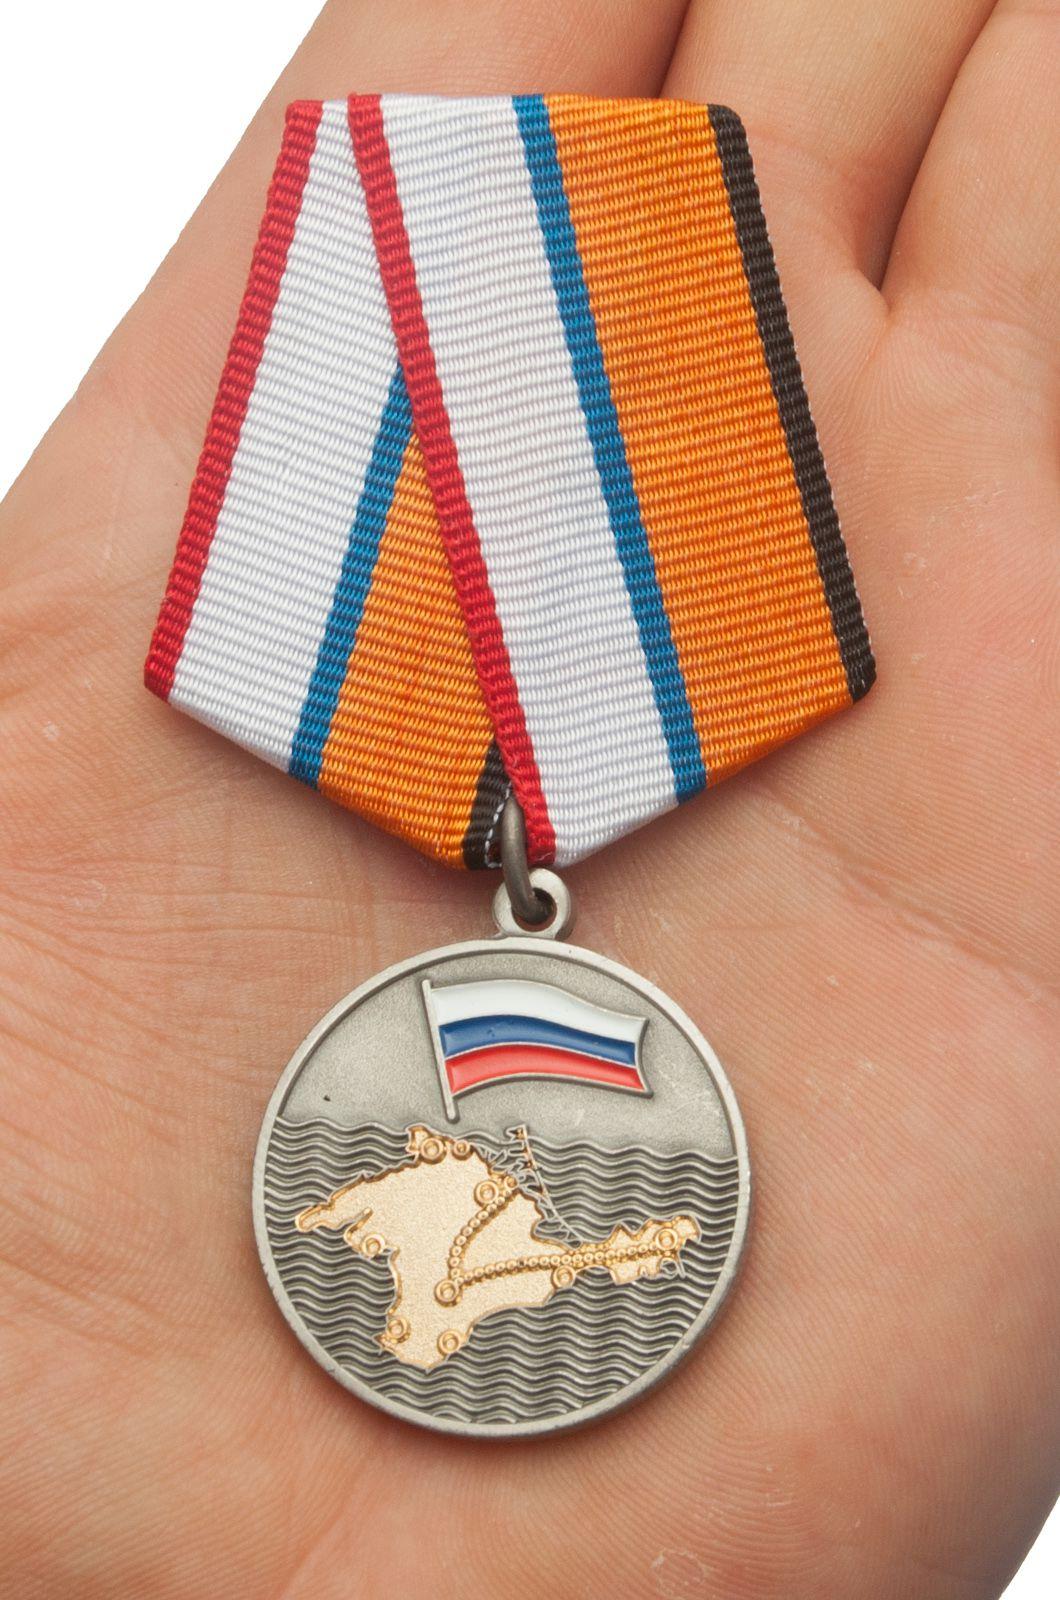 Медаль За Крымский поход казаков России - на ладони